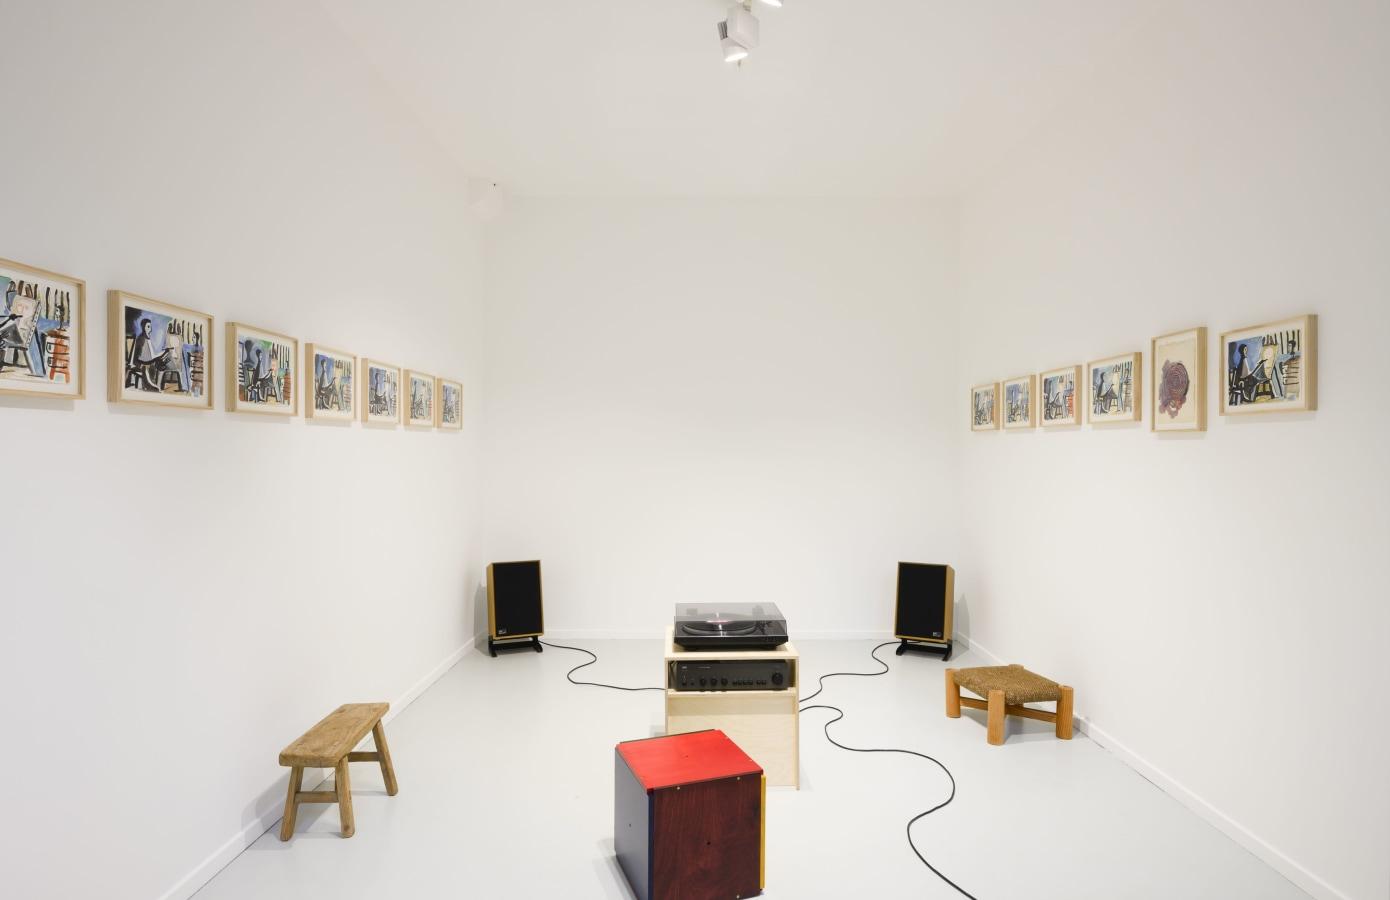 The Painter, Marijn van Kreij,